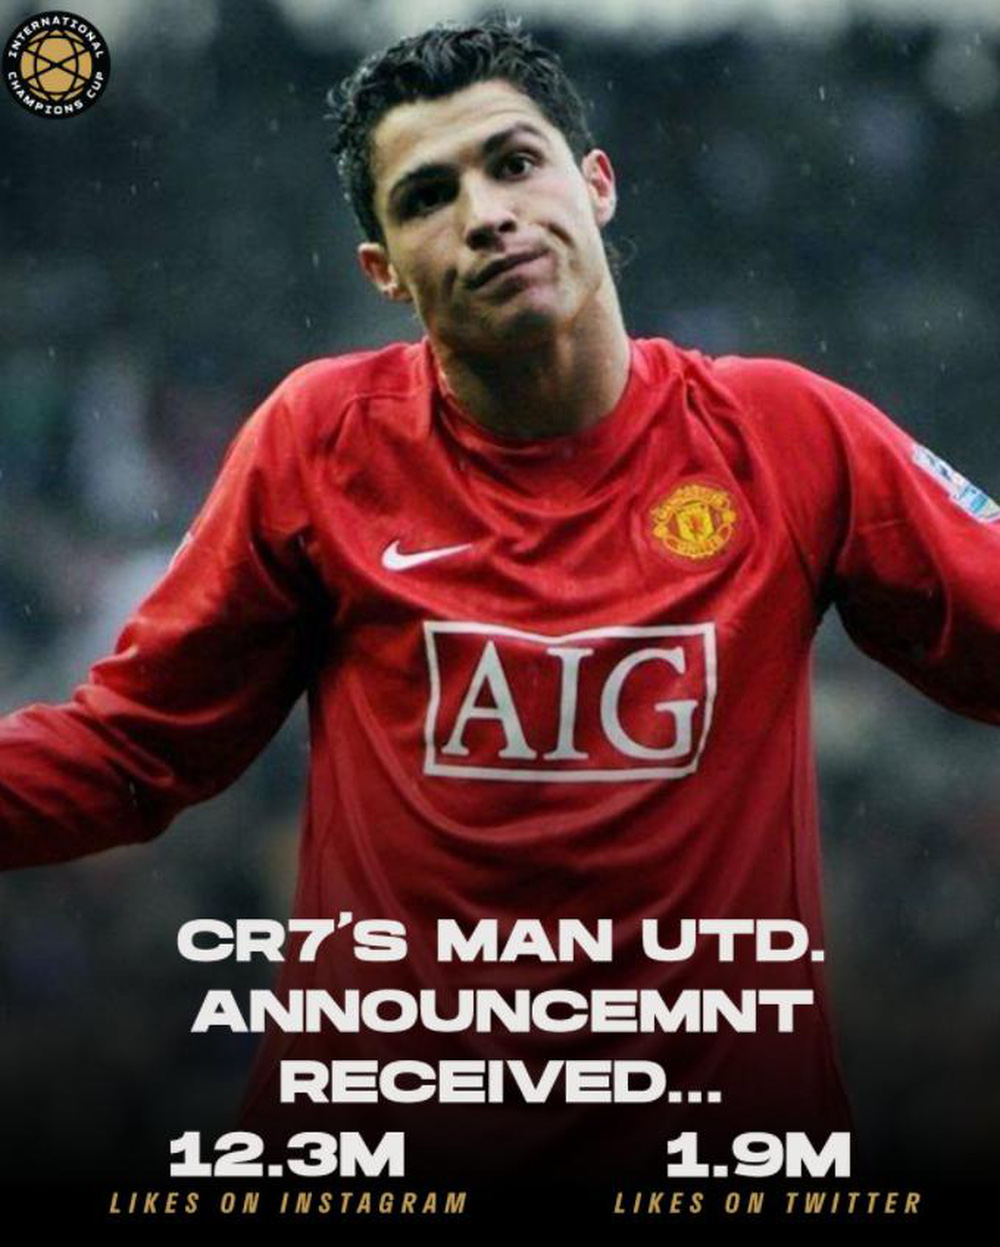 Nhờ Cristiano Ronaldo, Manchester United phá kỷ lục Twitter và Instagram - Ảnh 1.